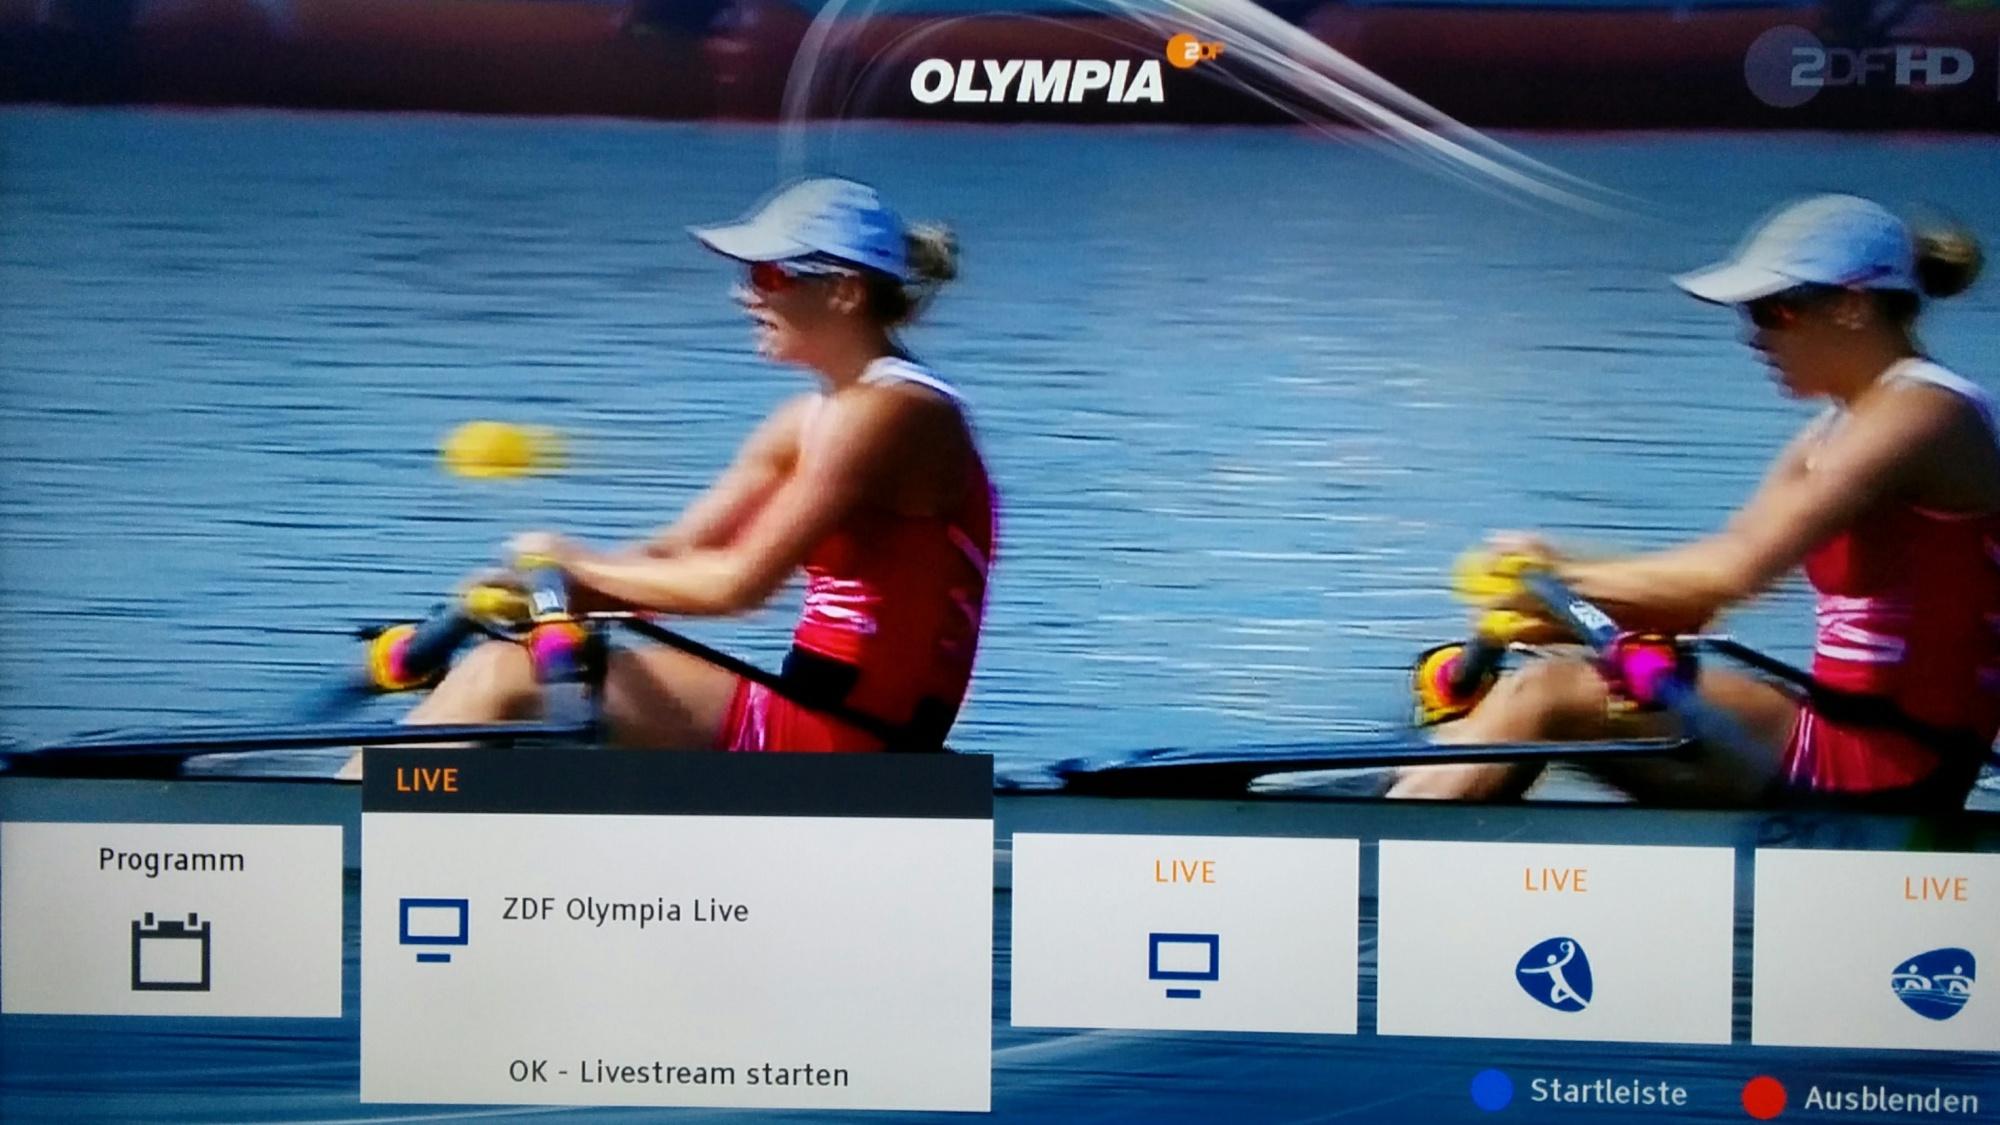 Olympia Streams